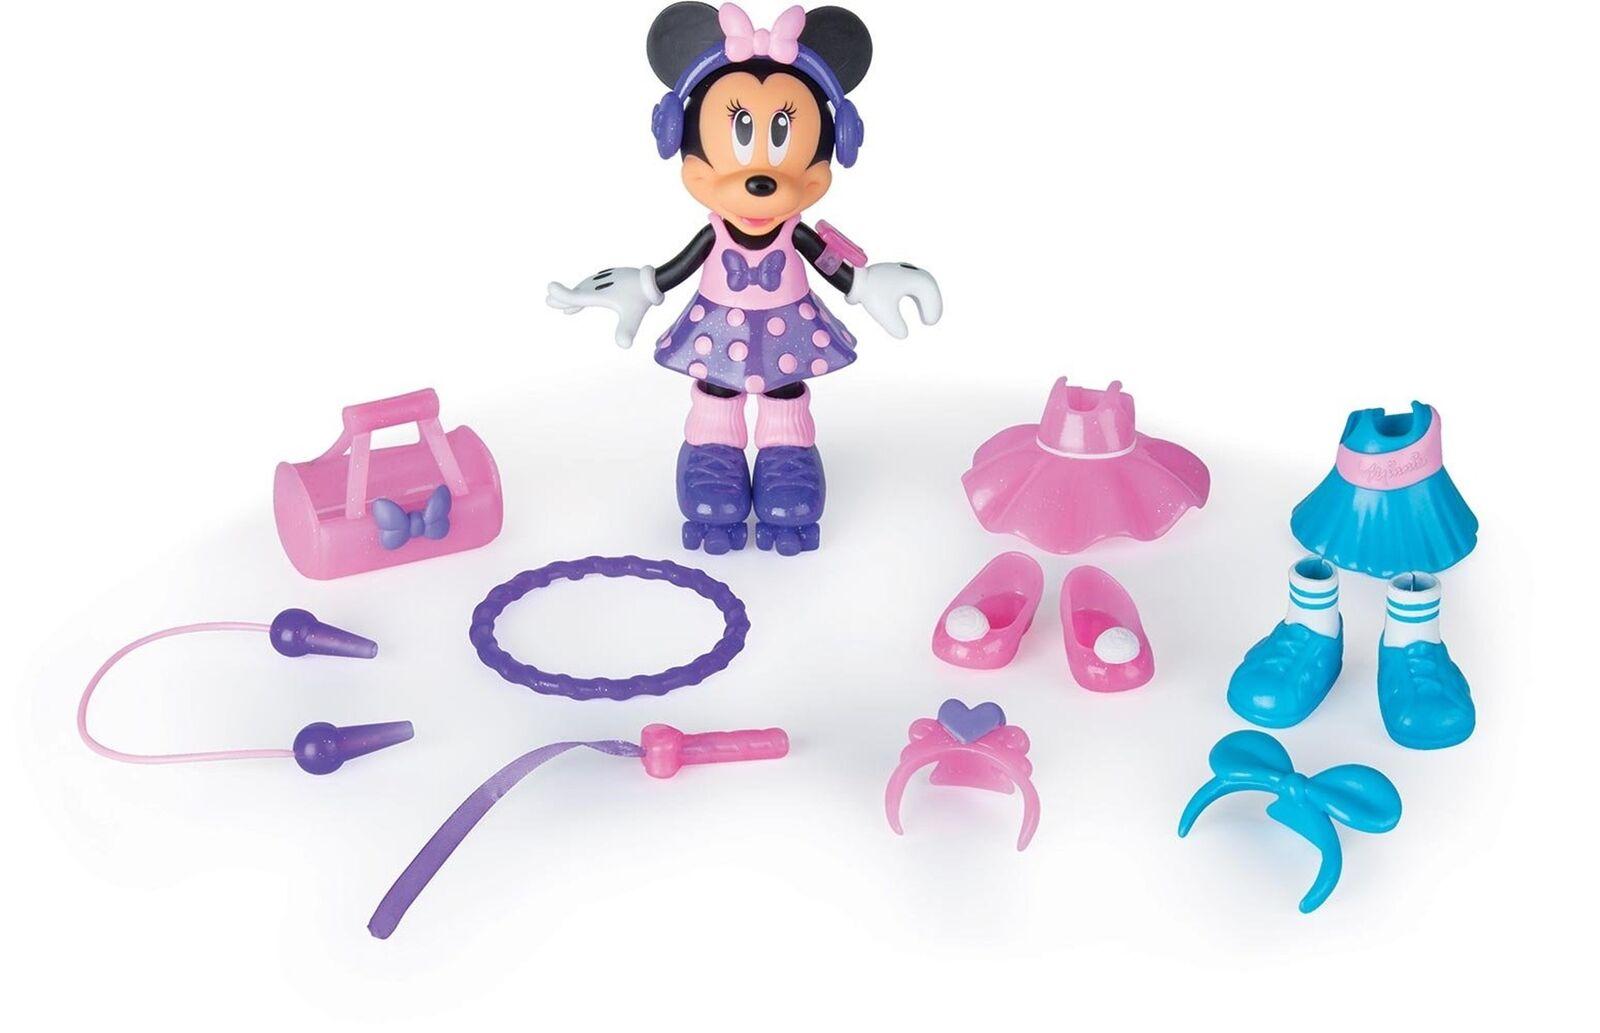 IMC IMC IMC Toys Minnie Fashion Doll Gym Fun 8dc6f4